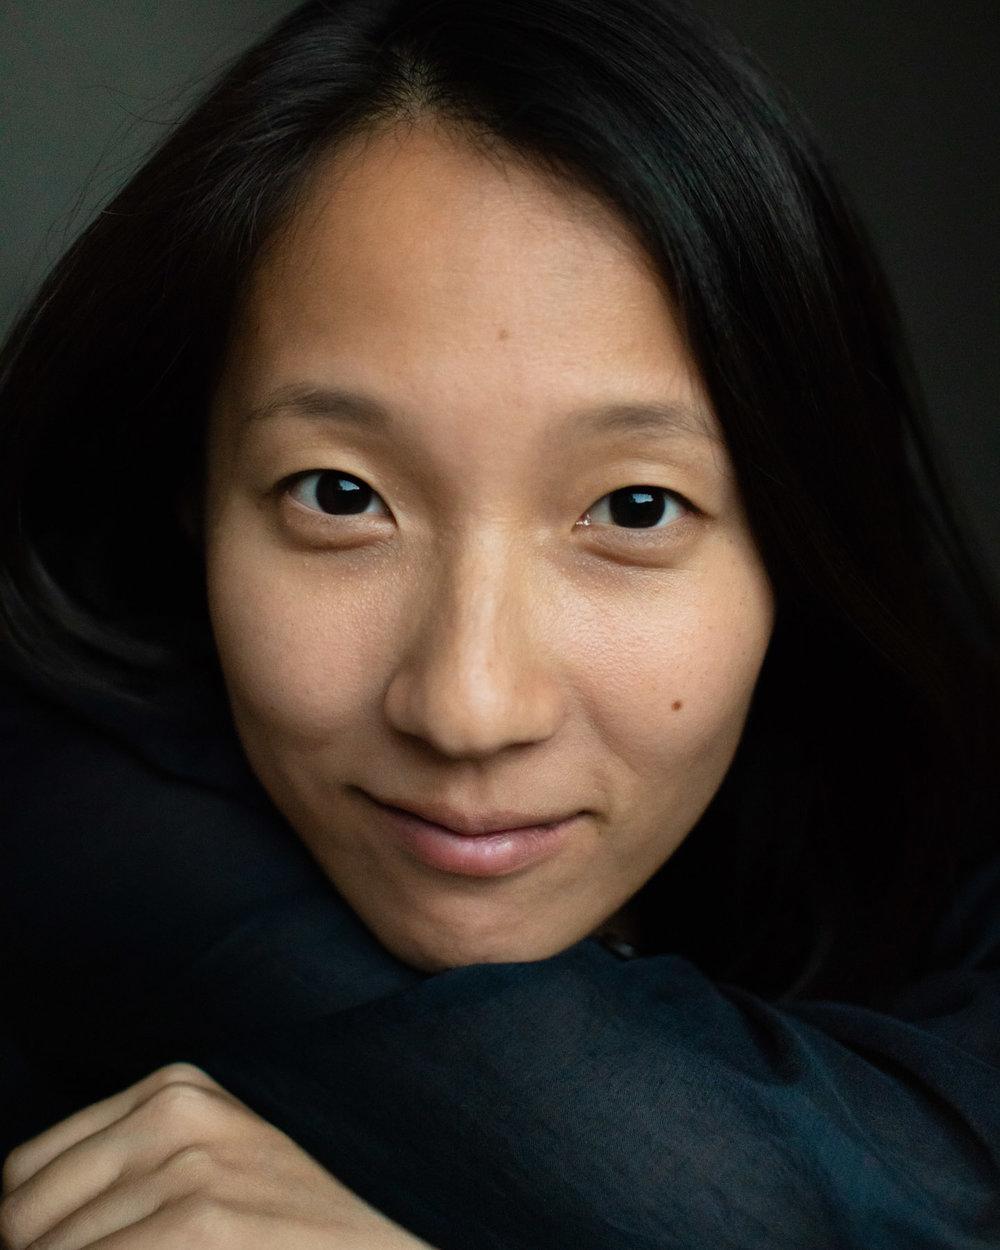 Eine Asiatische junge Frau im Abendlicht